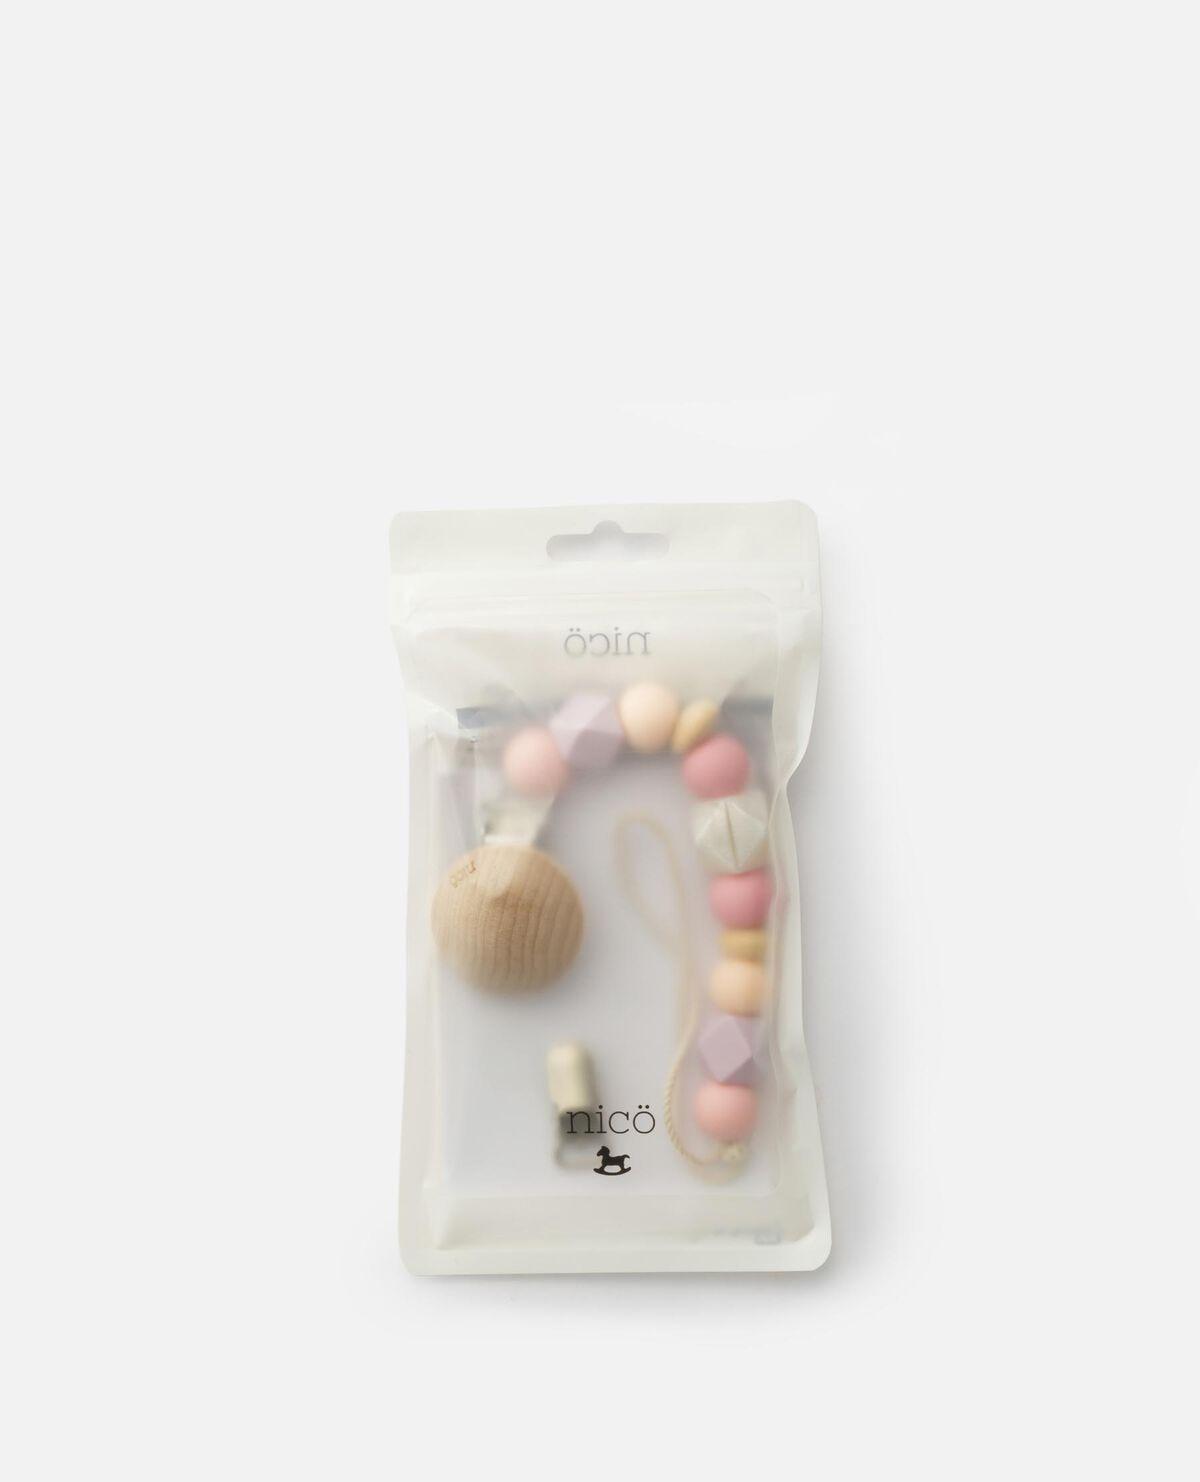 ムードマーク 限定 スタイ 歯固め はがため ホルダー 3点 セット ピンク